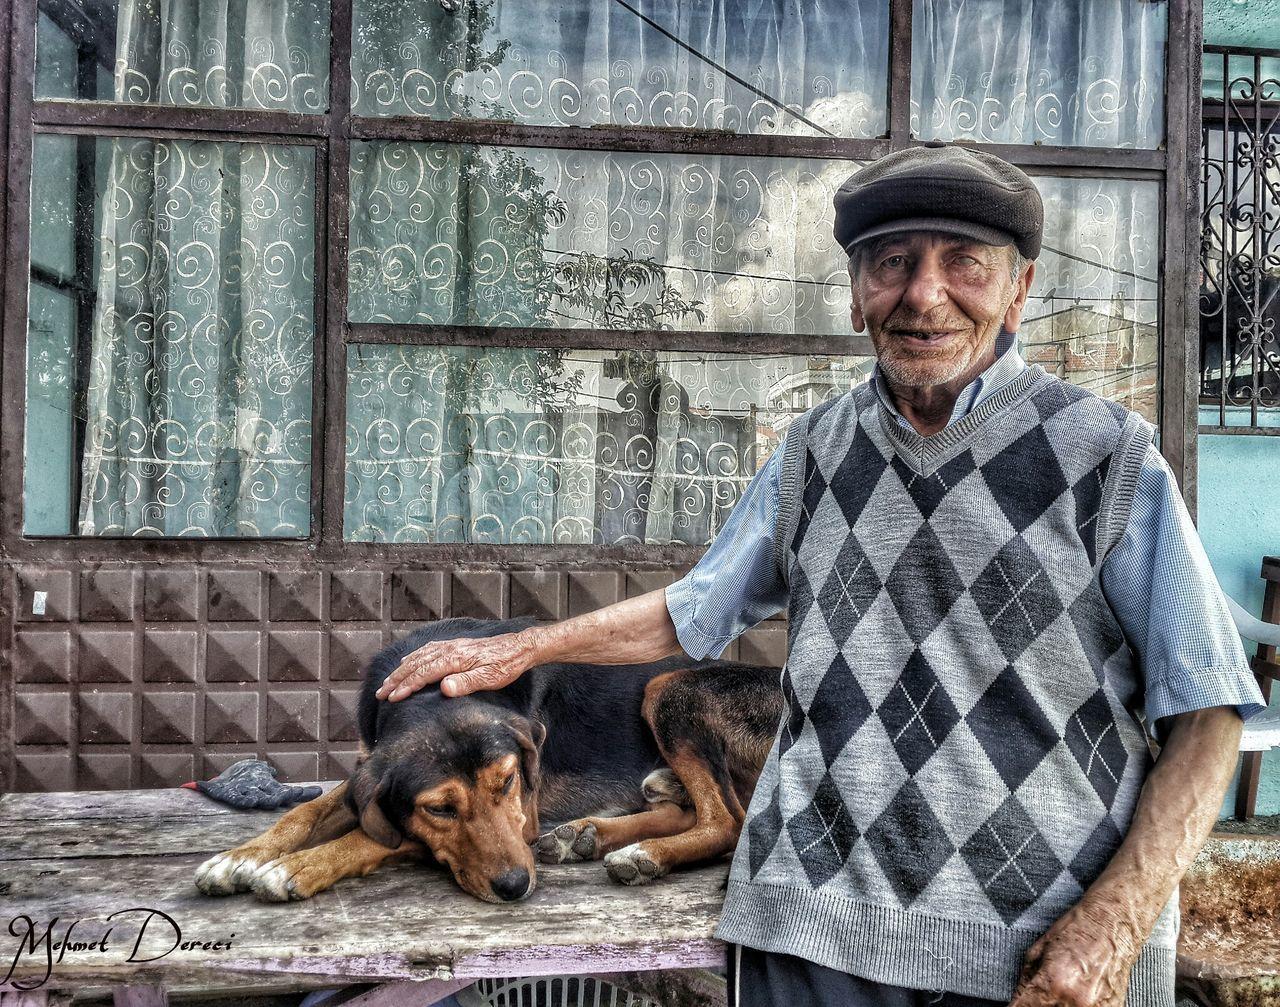 Mehmet amca eski bir gazoz üreticisi ama kapitalizmin ve büyük firmalarin çökeltici politikasının kurbanlarindan biri, ama gazoz yapmayi cok ozlemis o kadar sevkle anllattiki bize, ayni zamanda Mehmet amca cevredeki sahipsiz hayvanlara elinden geldiğince bakmaya çalışıyor olume birakilmis ama mahalleden ayrilmamis atlar dahil. Ellerinden öpüyorum Mehmet amca iyiki bu gun yanindaydim. Oldman Doglover Dog Love Big Love